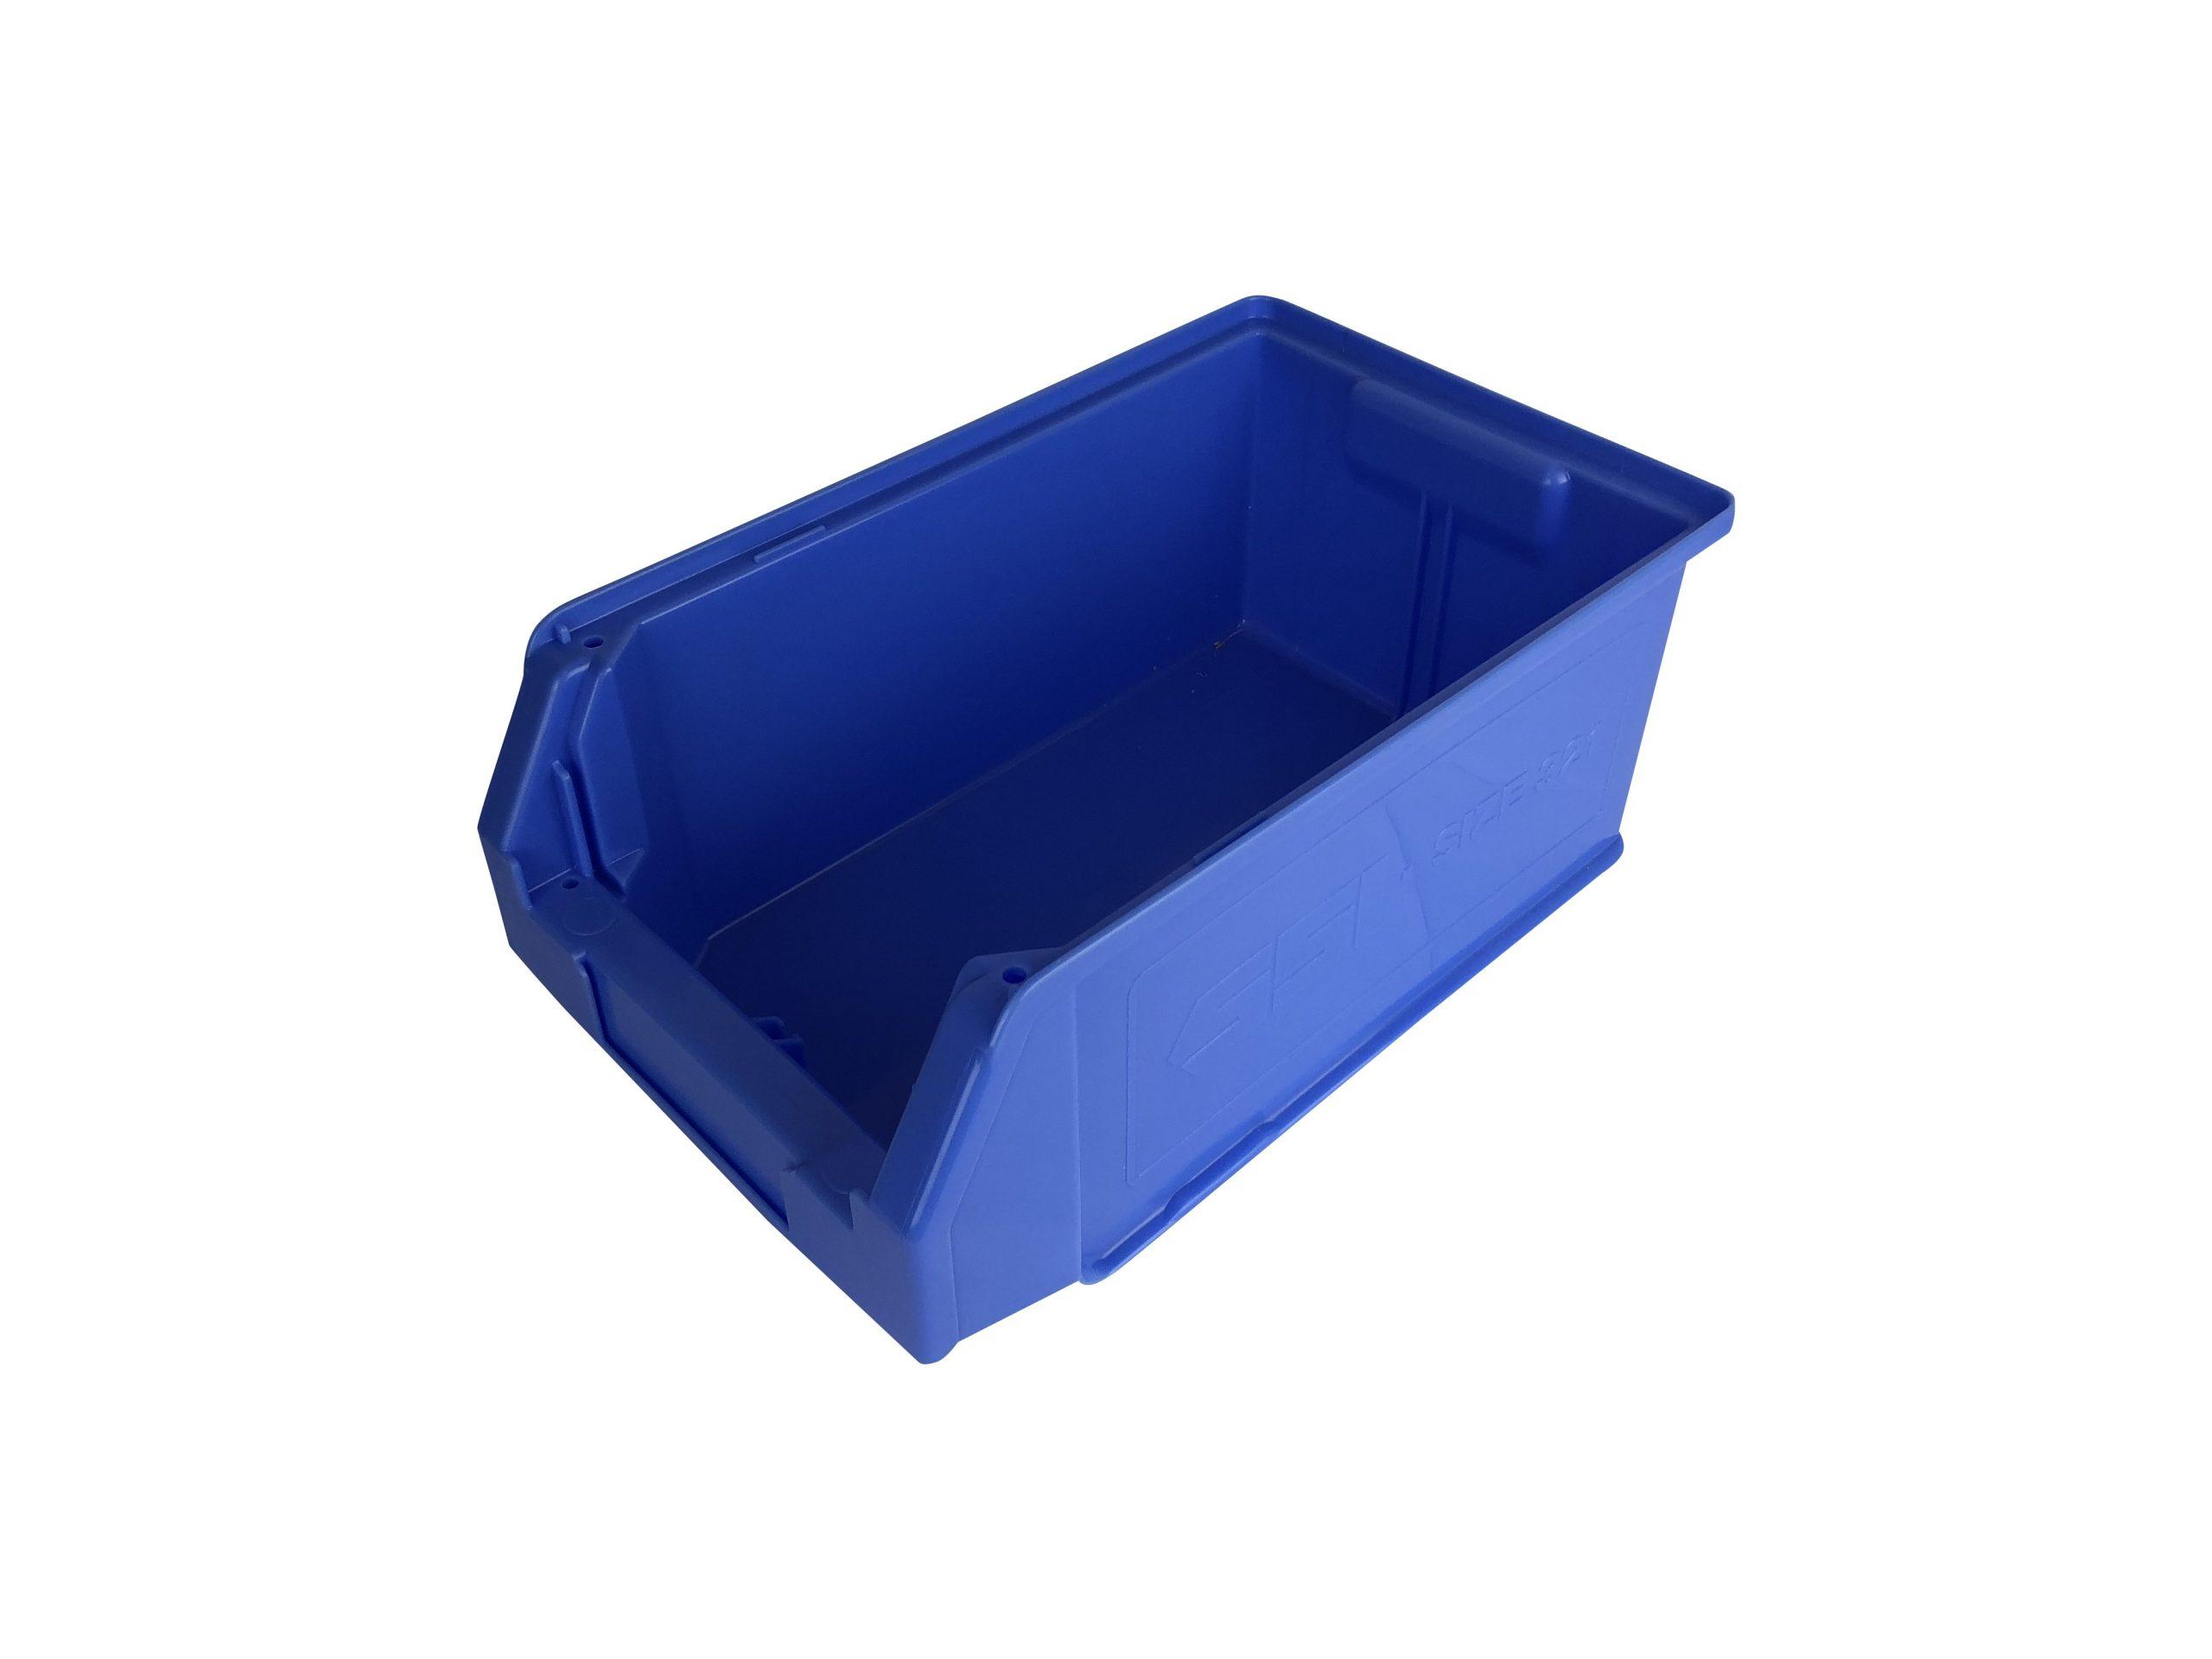 LF321 Plastic Storage Container